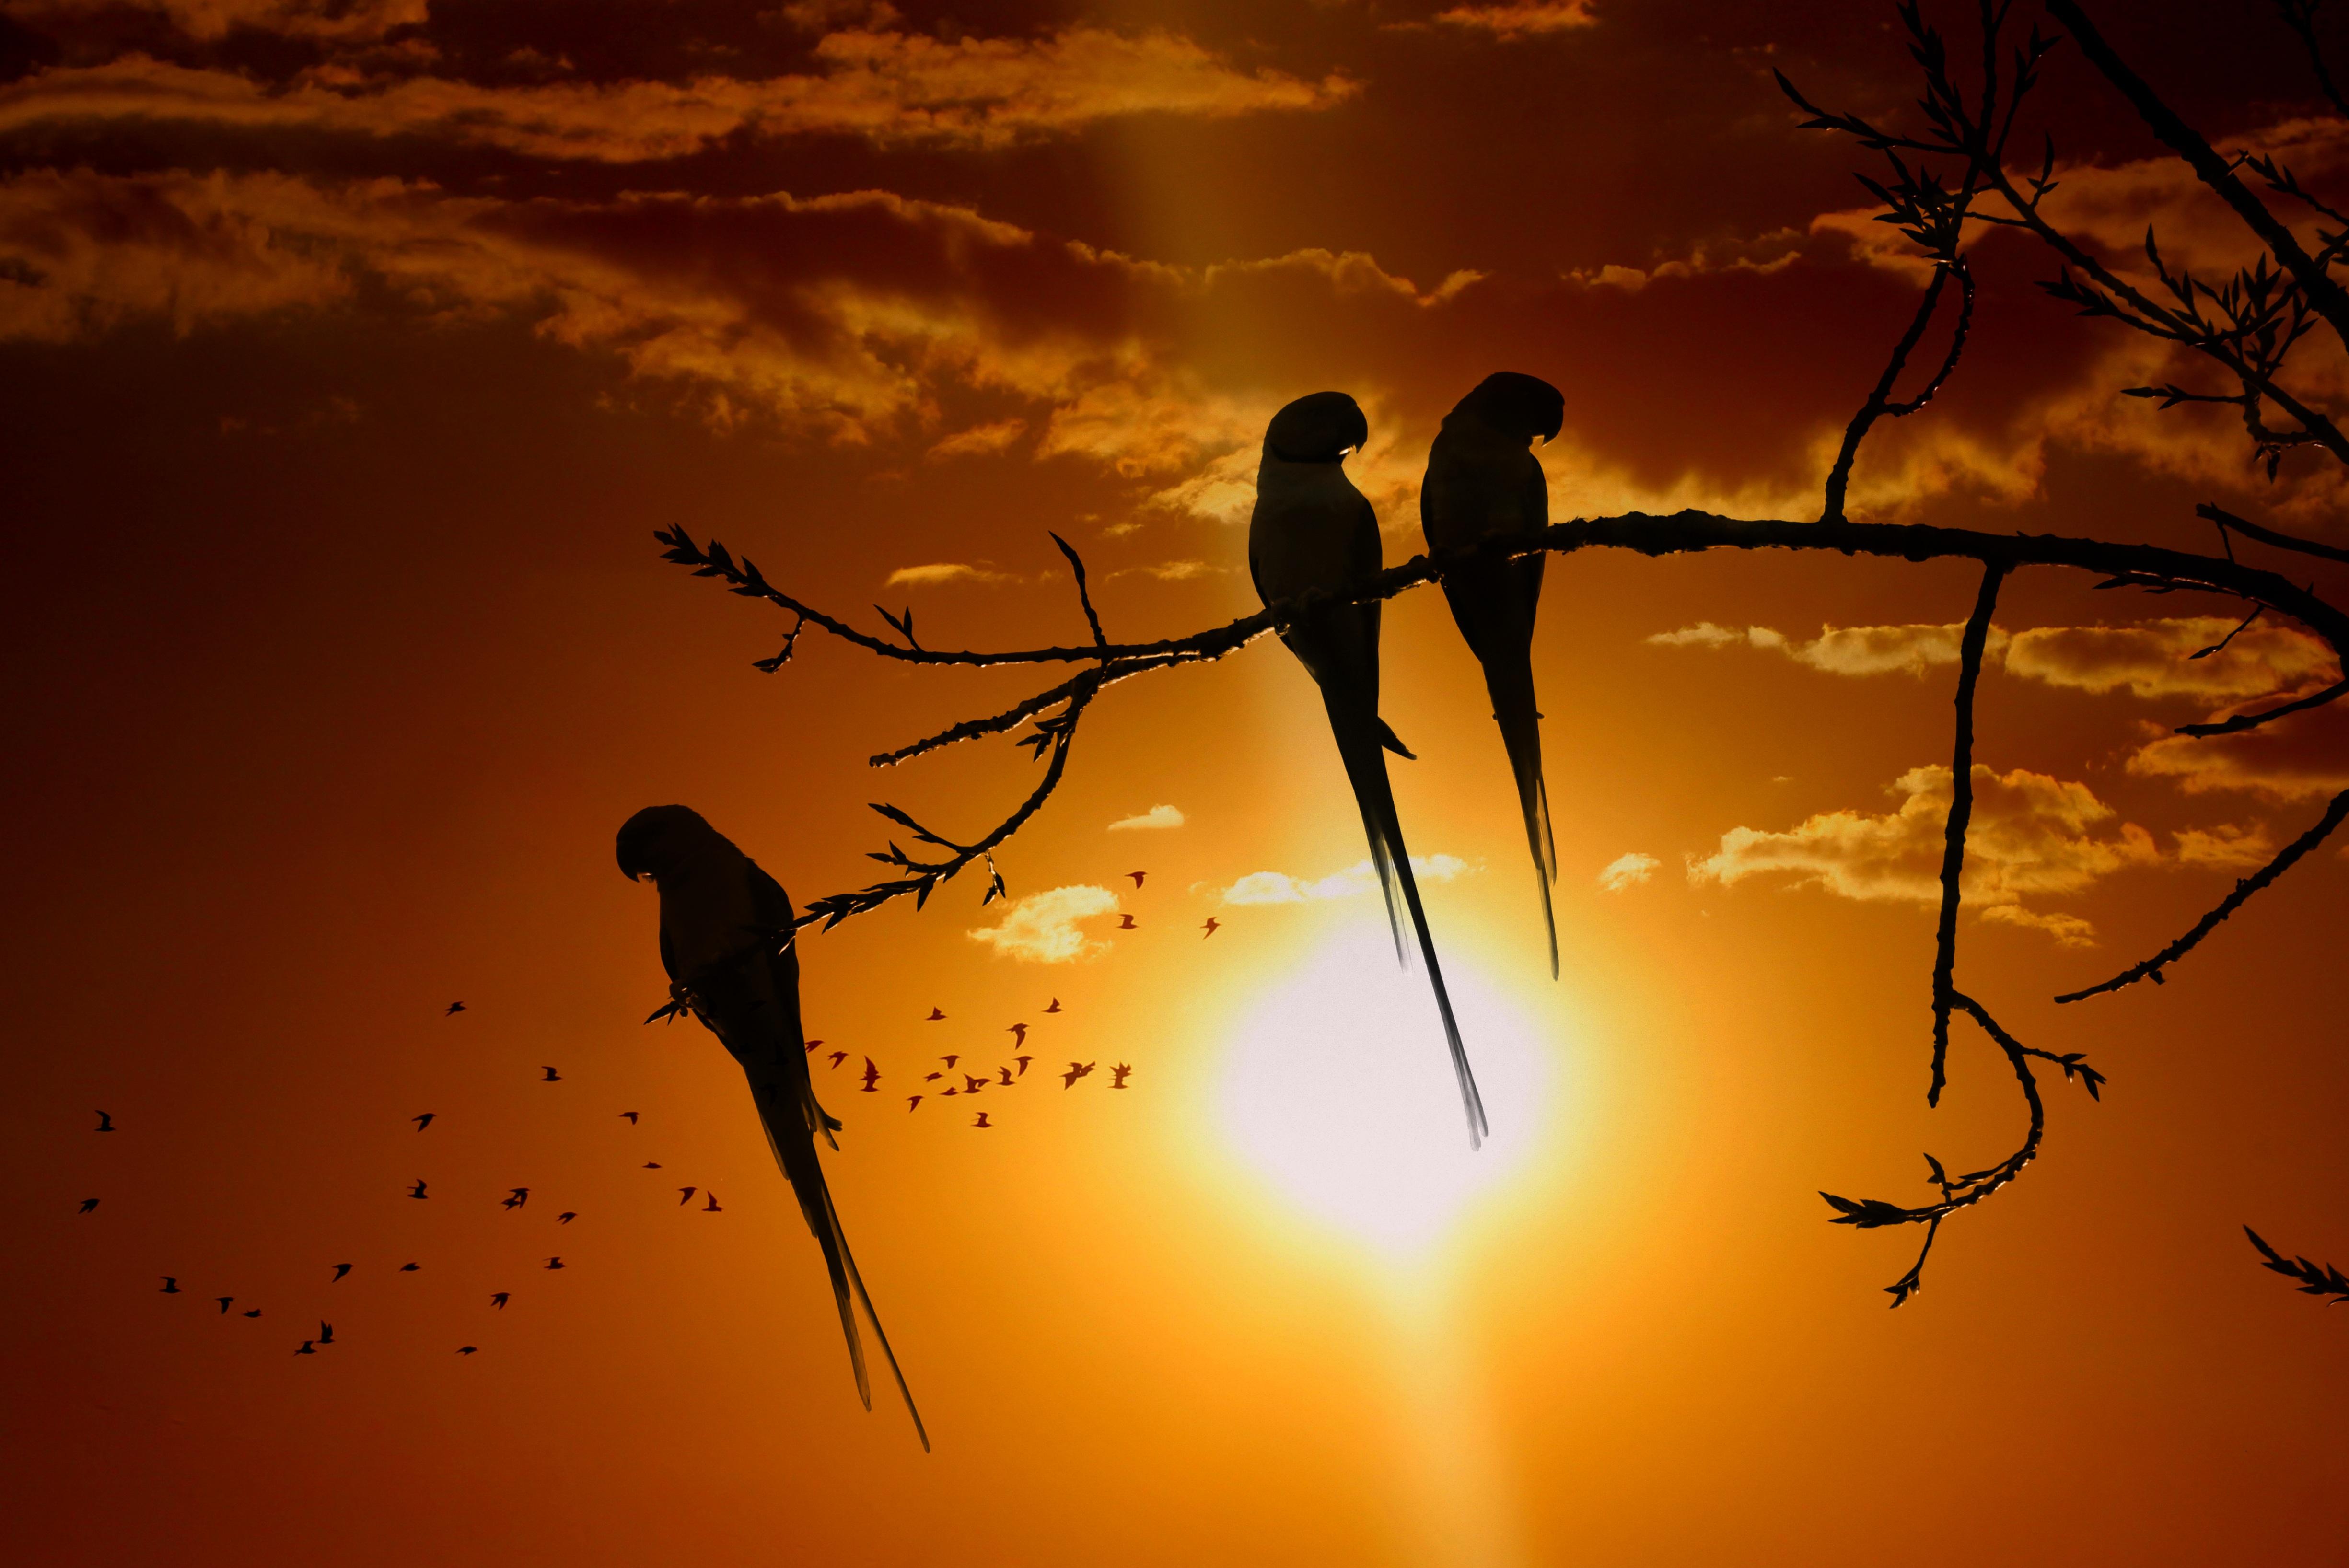 58463 Заставки и Обои Попугаи на телефон. Скачать Попугаи, Животные, Птицы, Закат, Солнце, Ветка, Сумерки картинки бесплатно